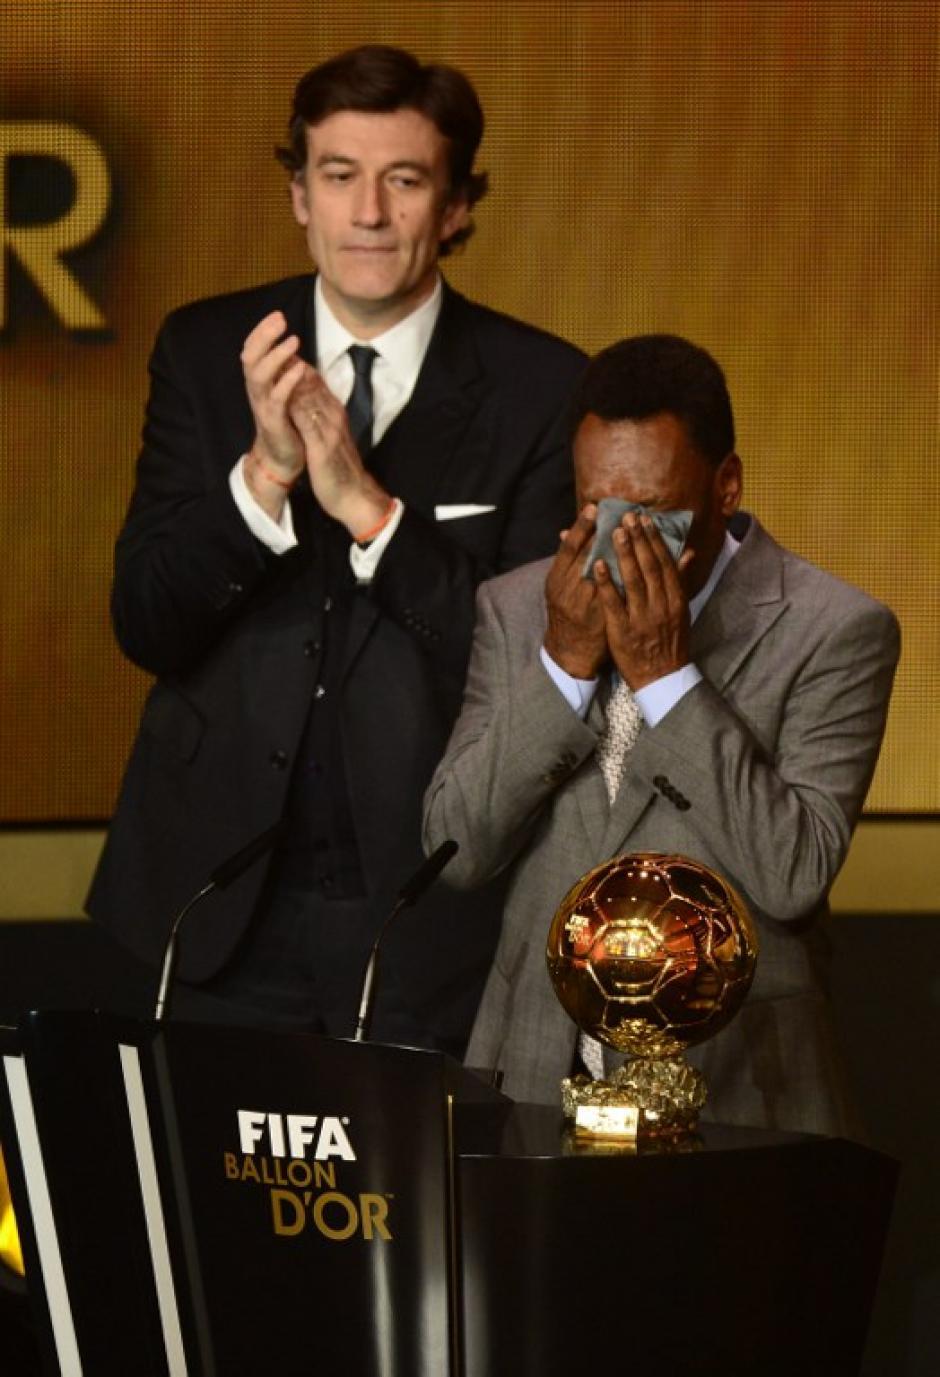 Pelé recibió el premio de honor de la noche en Zúrich, Suiza